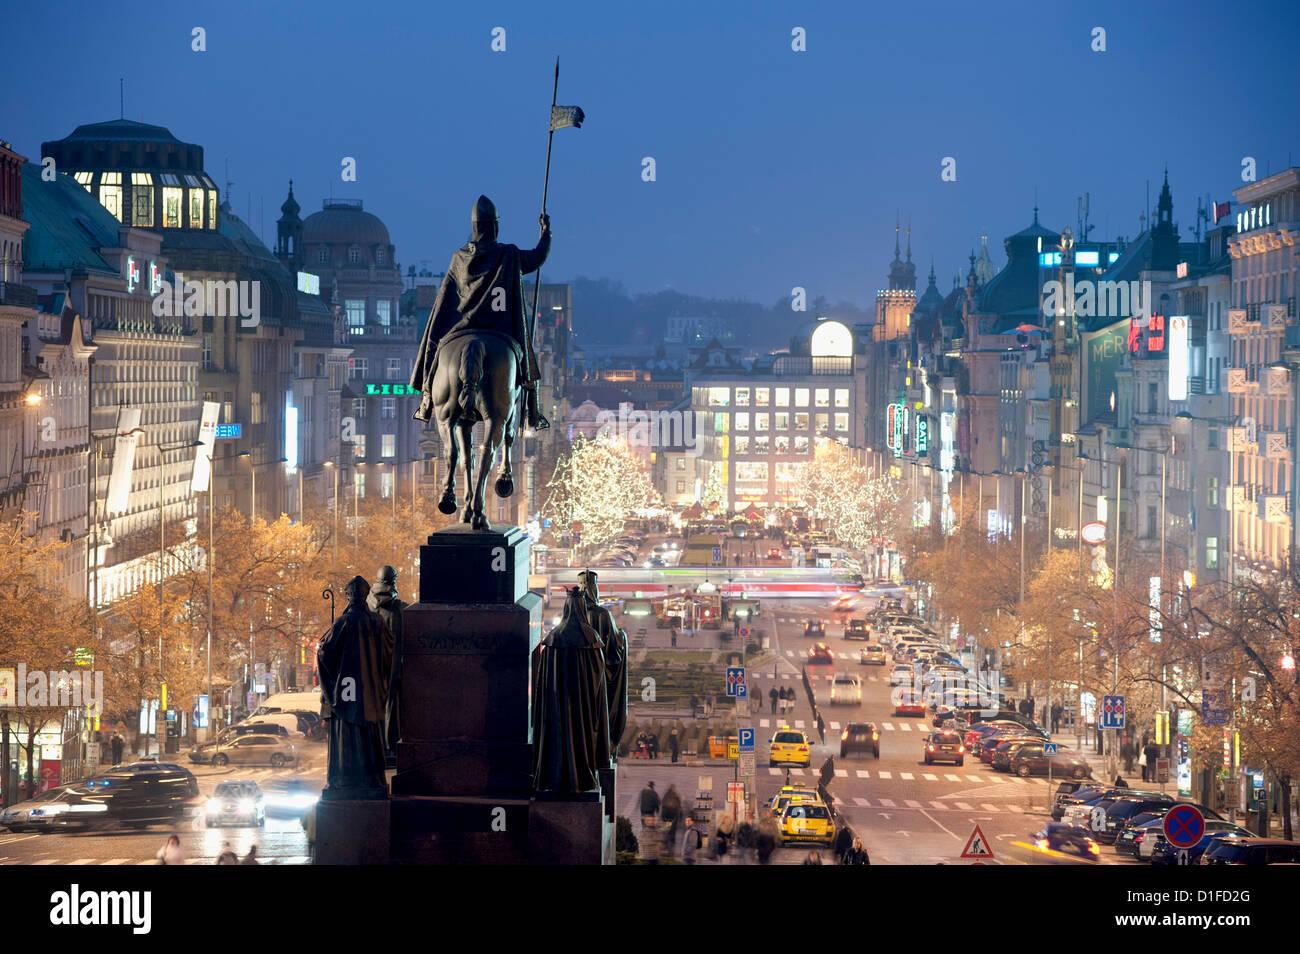 Statua di San Venceslao e la Piazza di San Venceslao al crepuscolo, Nove Mesto, Praga, Repubblica Ceca, Europa Immagini Stock